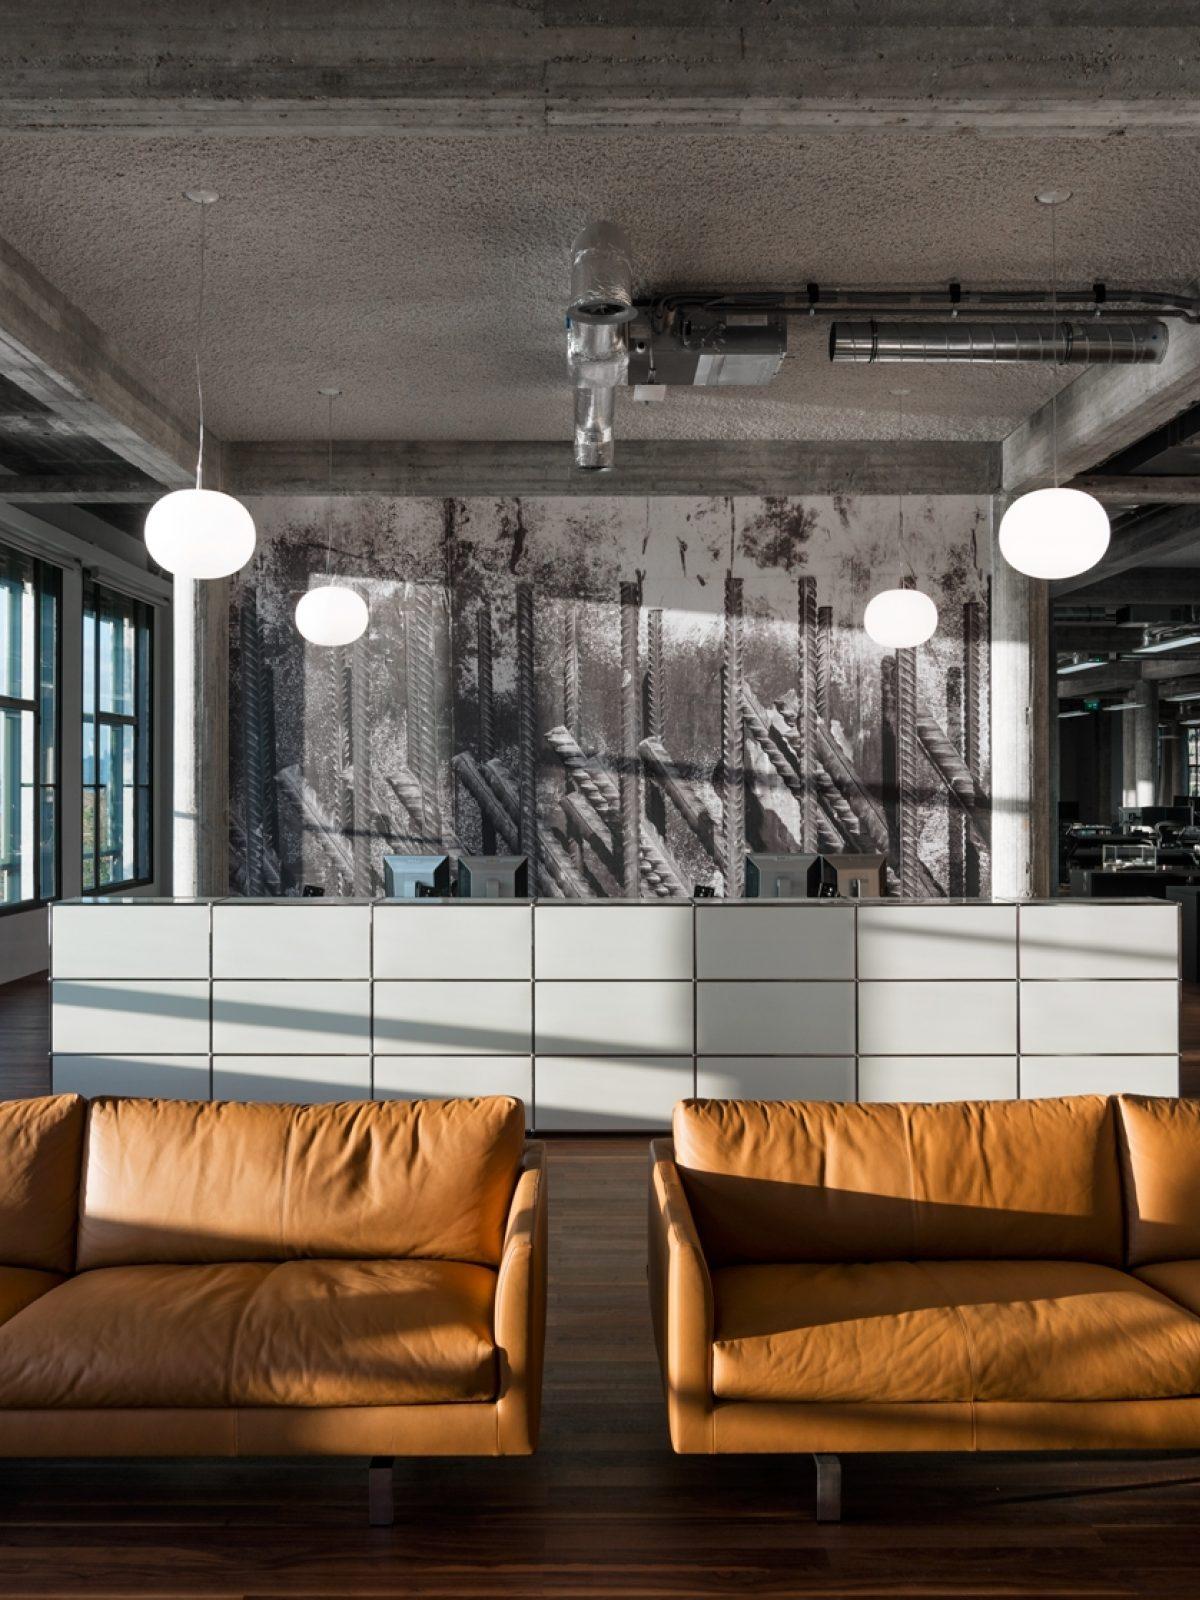 6 De Bank KAAN Architecten Simone Bossi